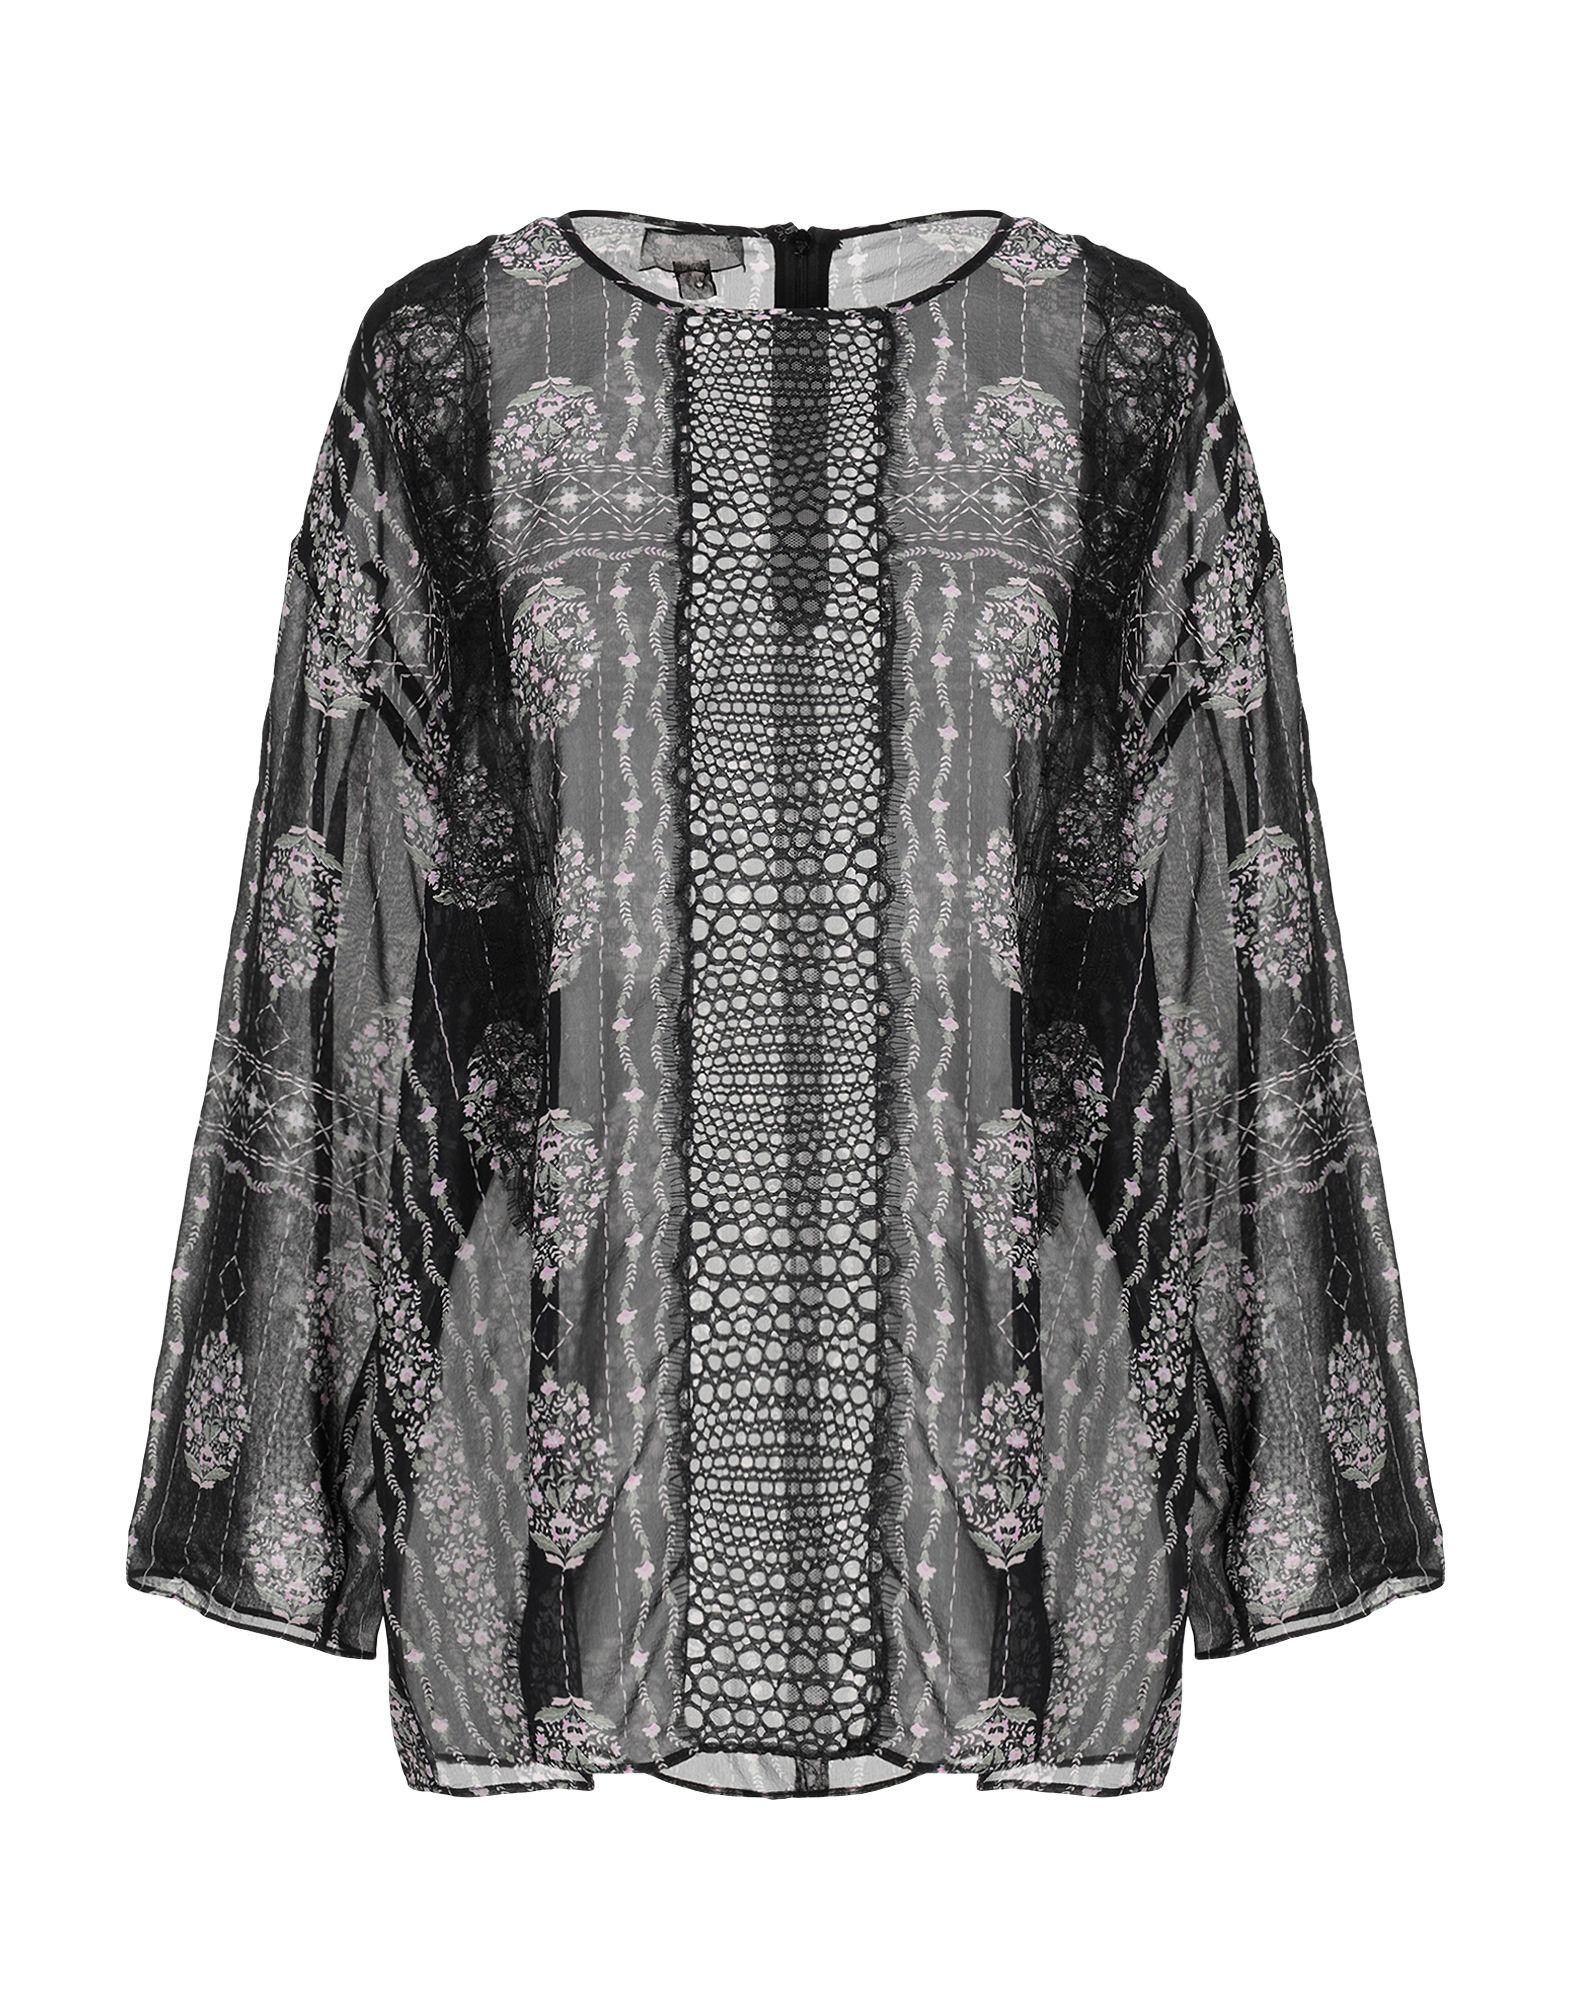 GIAMBATTISTA VALLI Блузка giambattista valli блузка